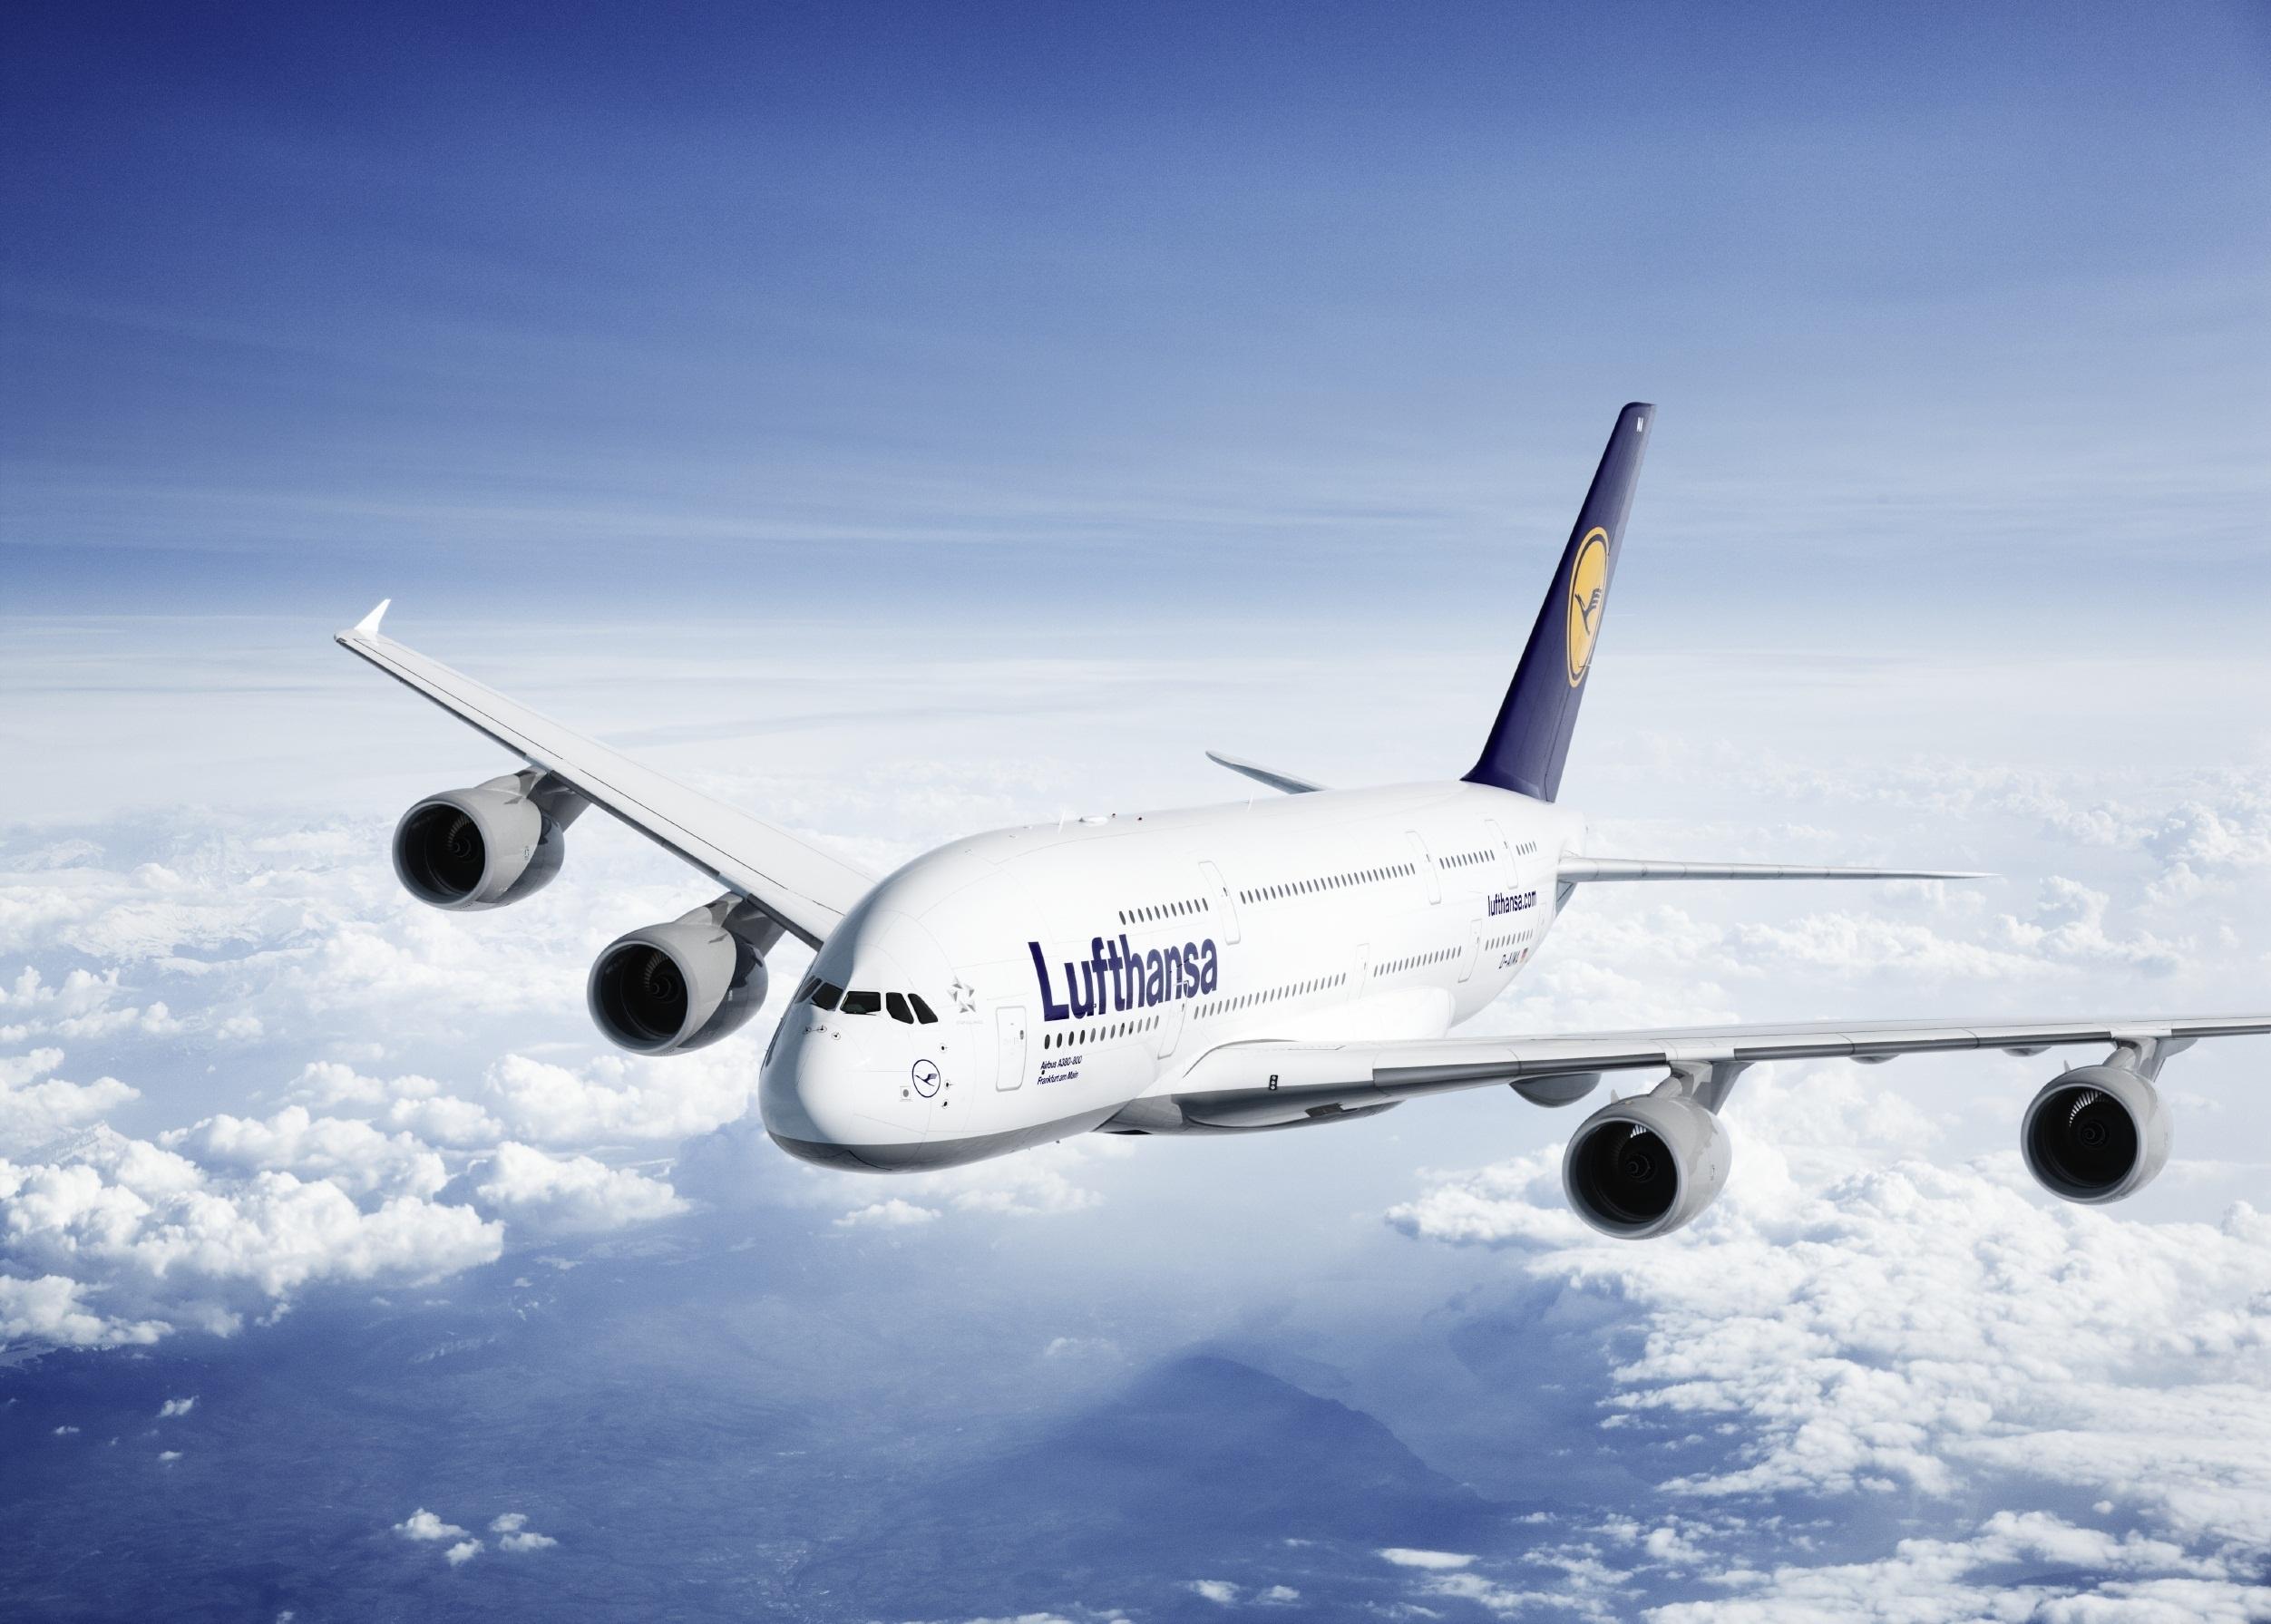 El aeropuerto de Jerez recibe por primera vez un vuelo de la compañía Lufthansa